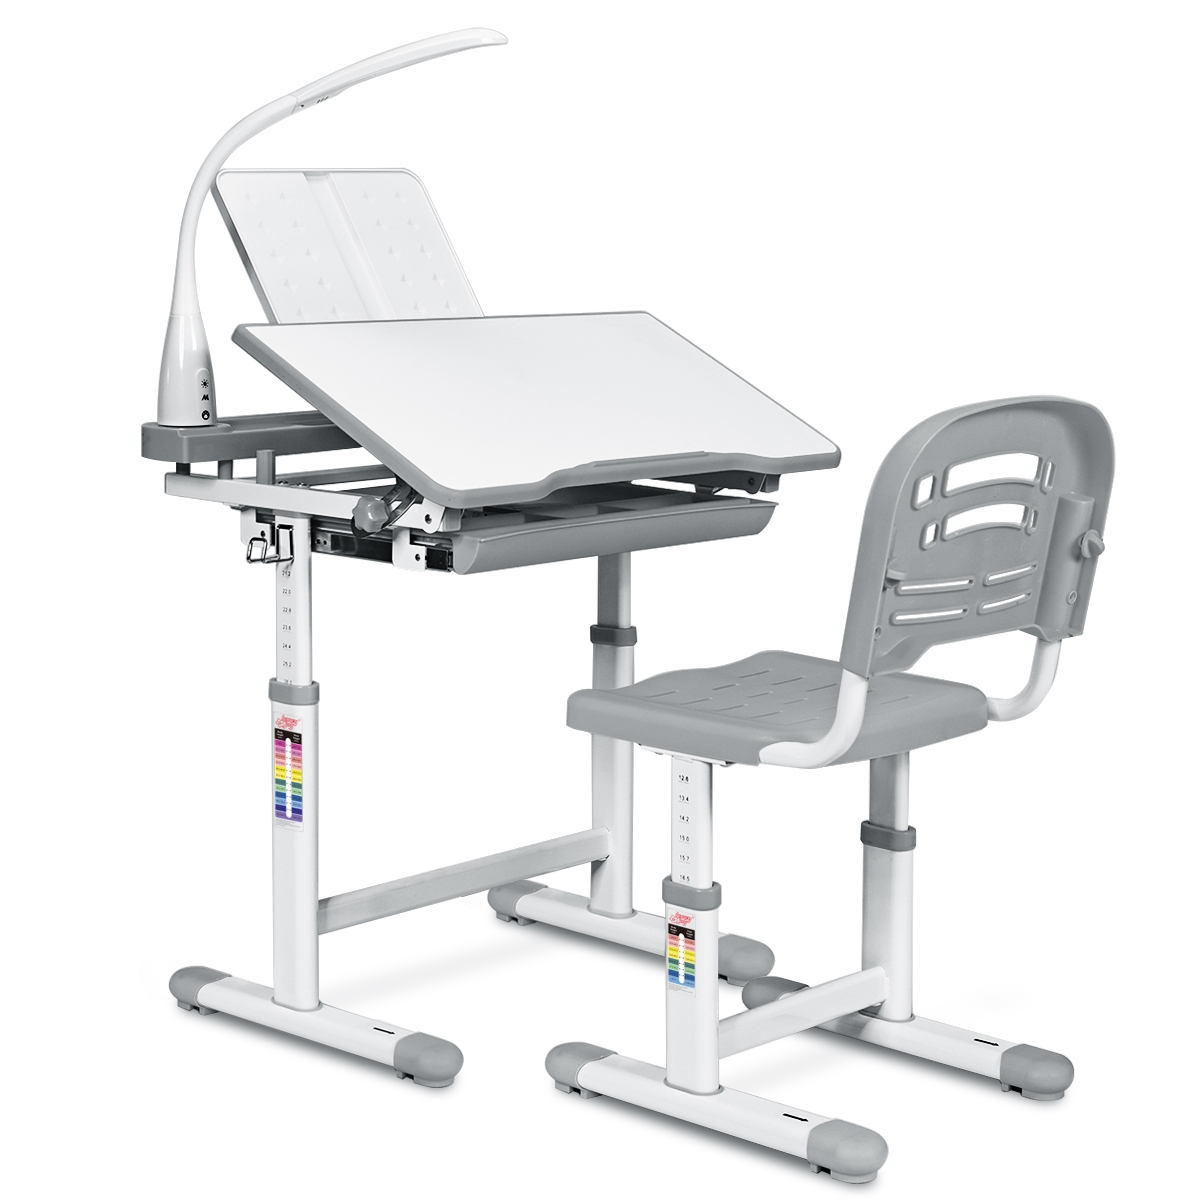 Costway Scrivania per bambini altezza regolabile 54 76cm Set tavolo e sedie bimbi inclinabile con lampada, Grigio